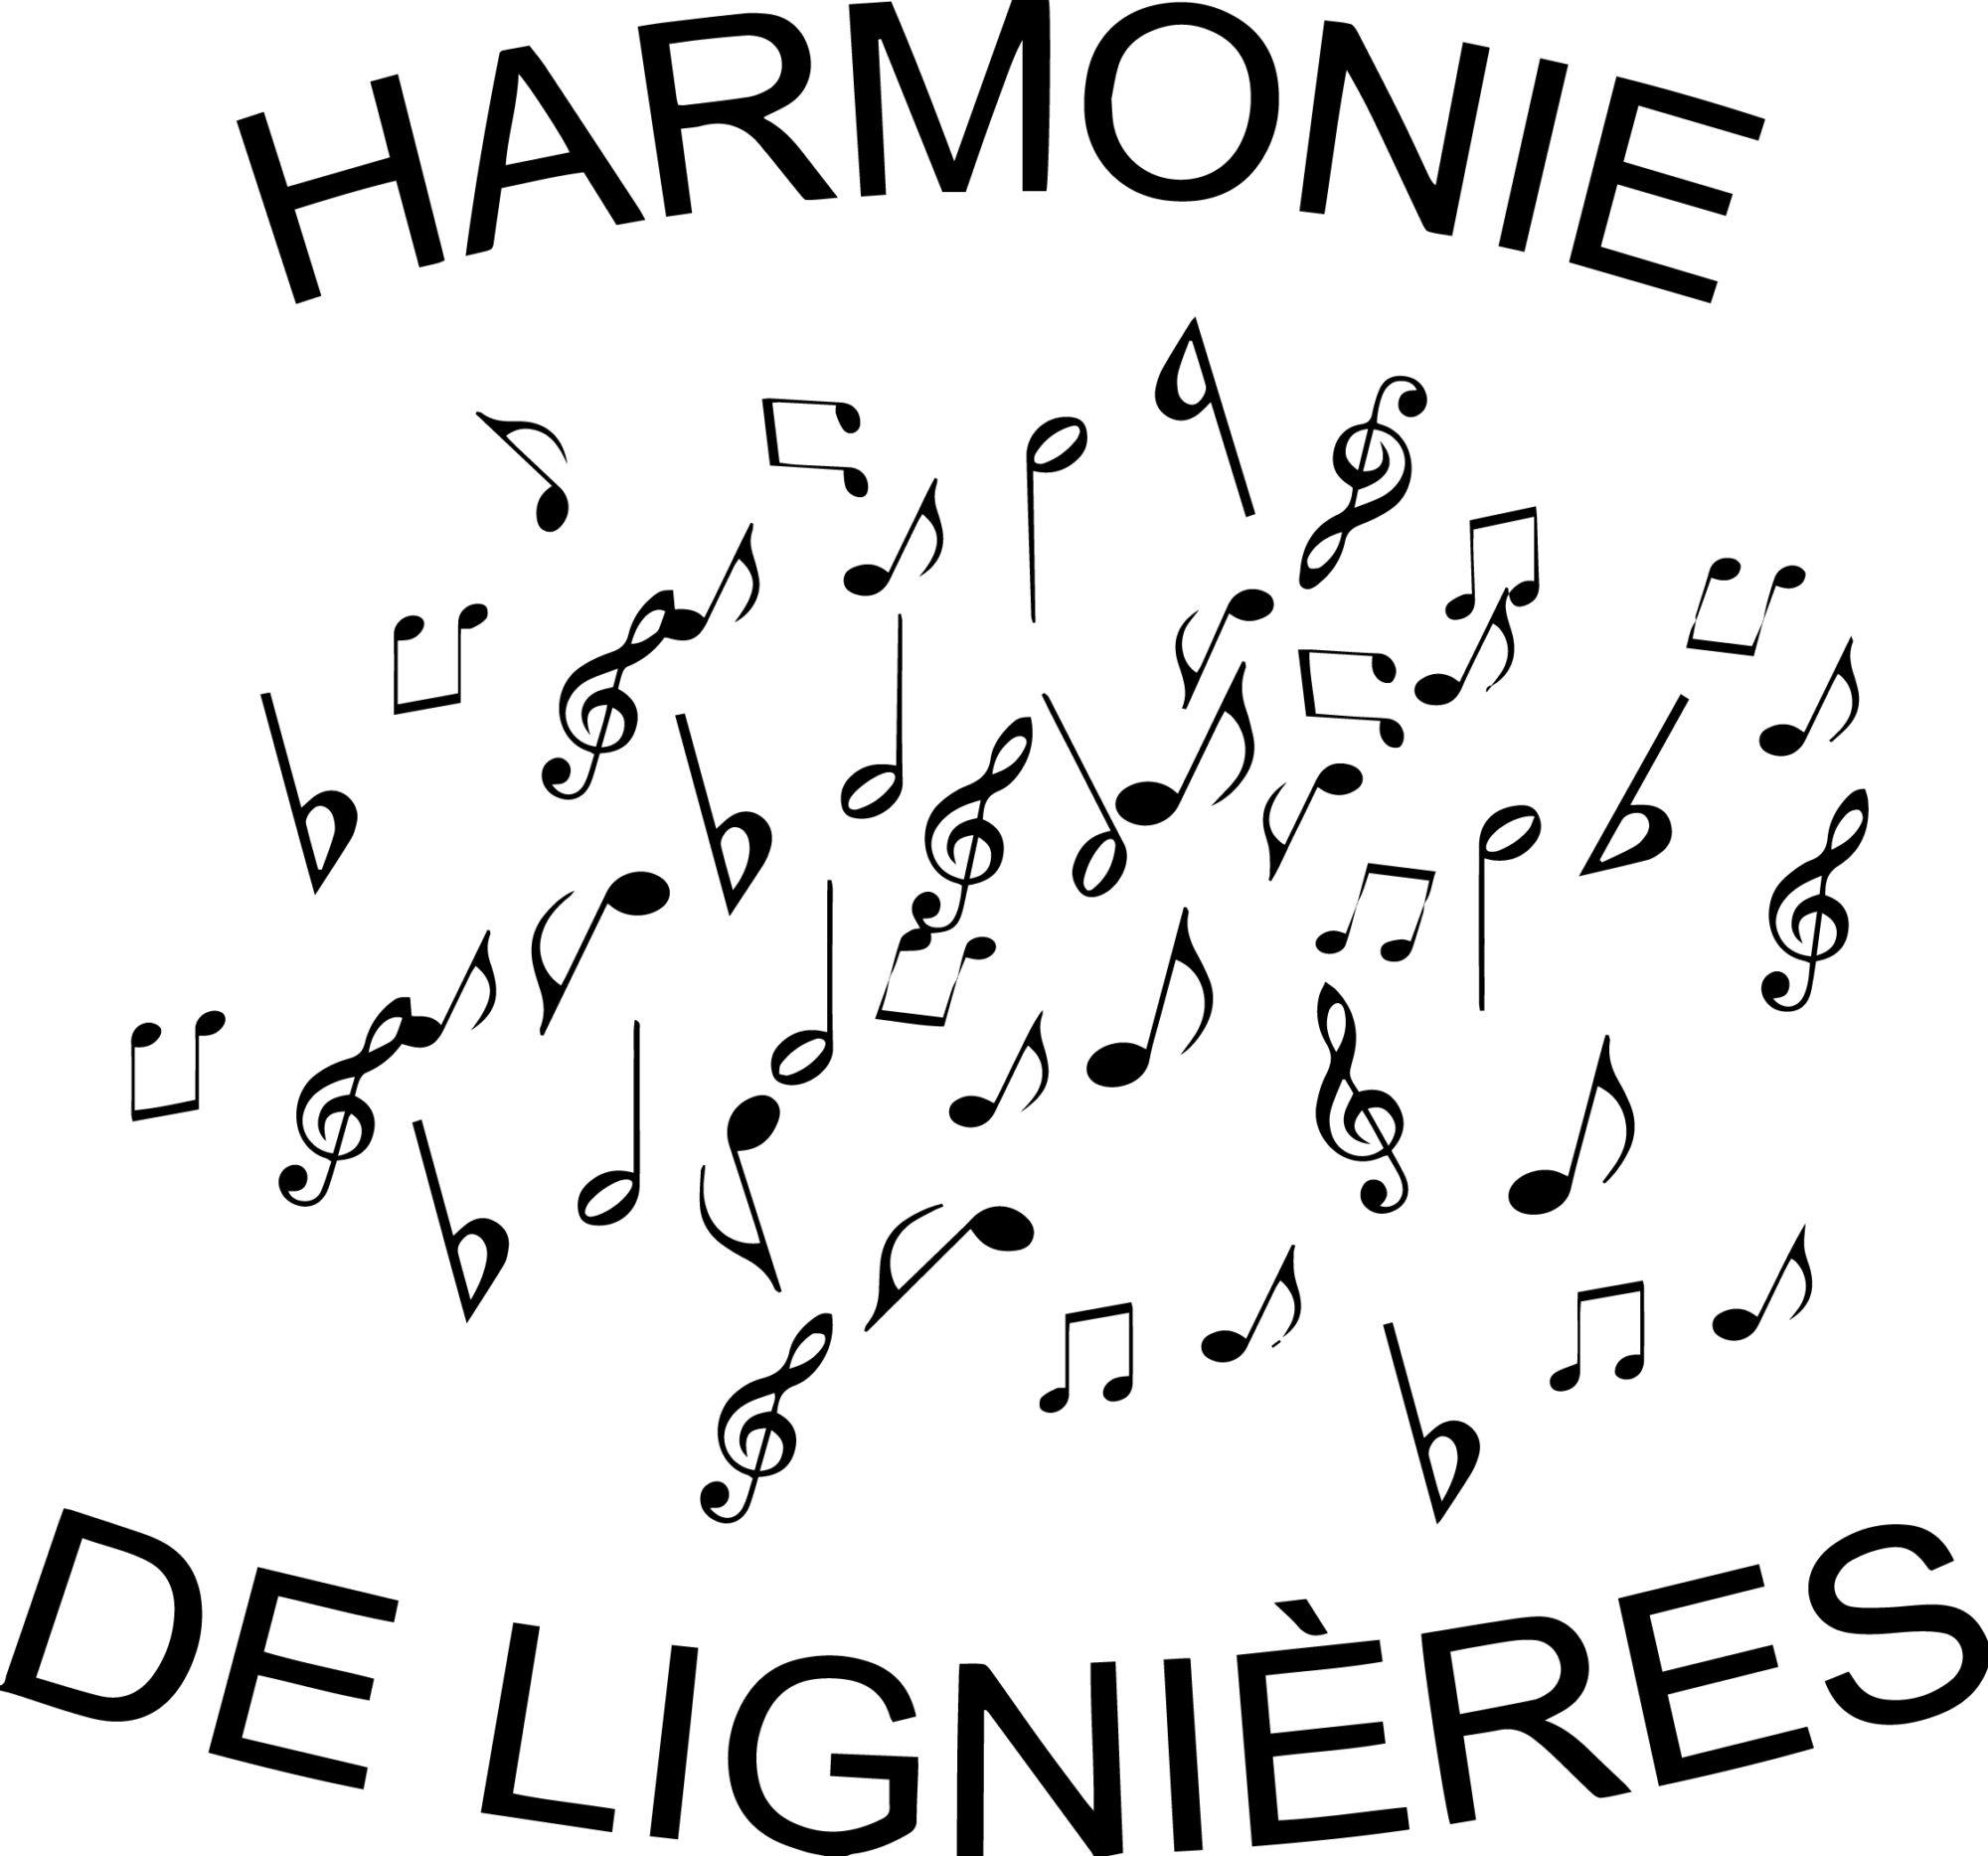 Harmonie de Lignières